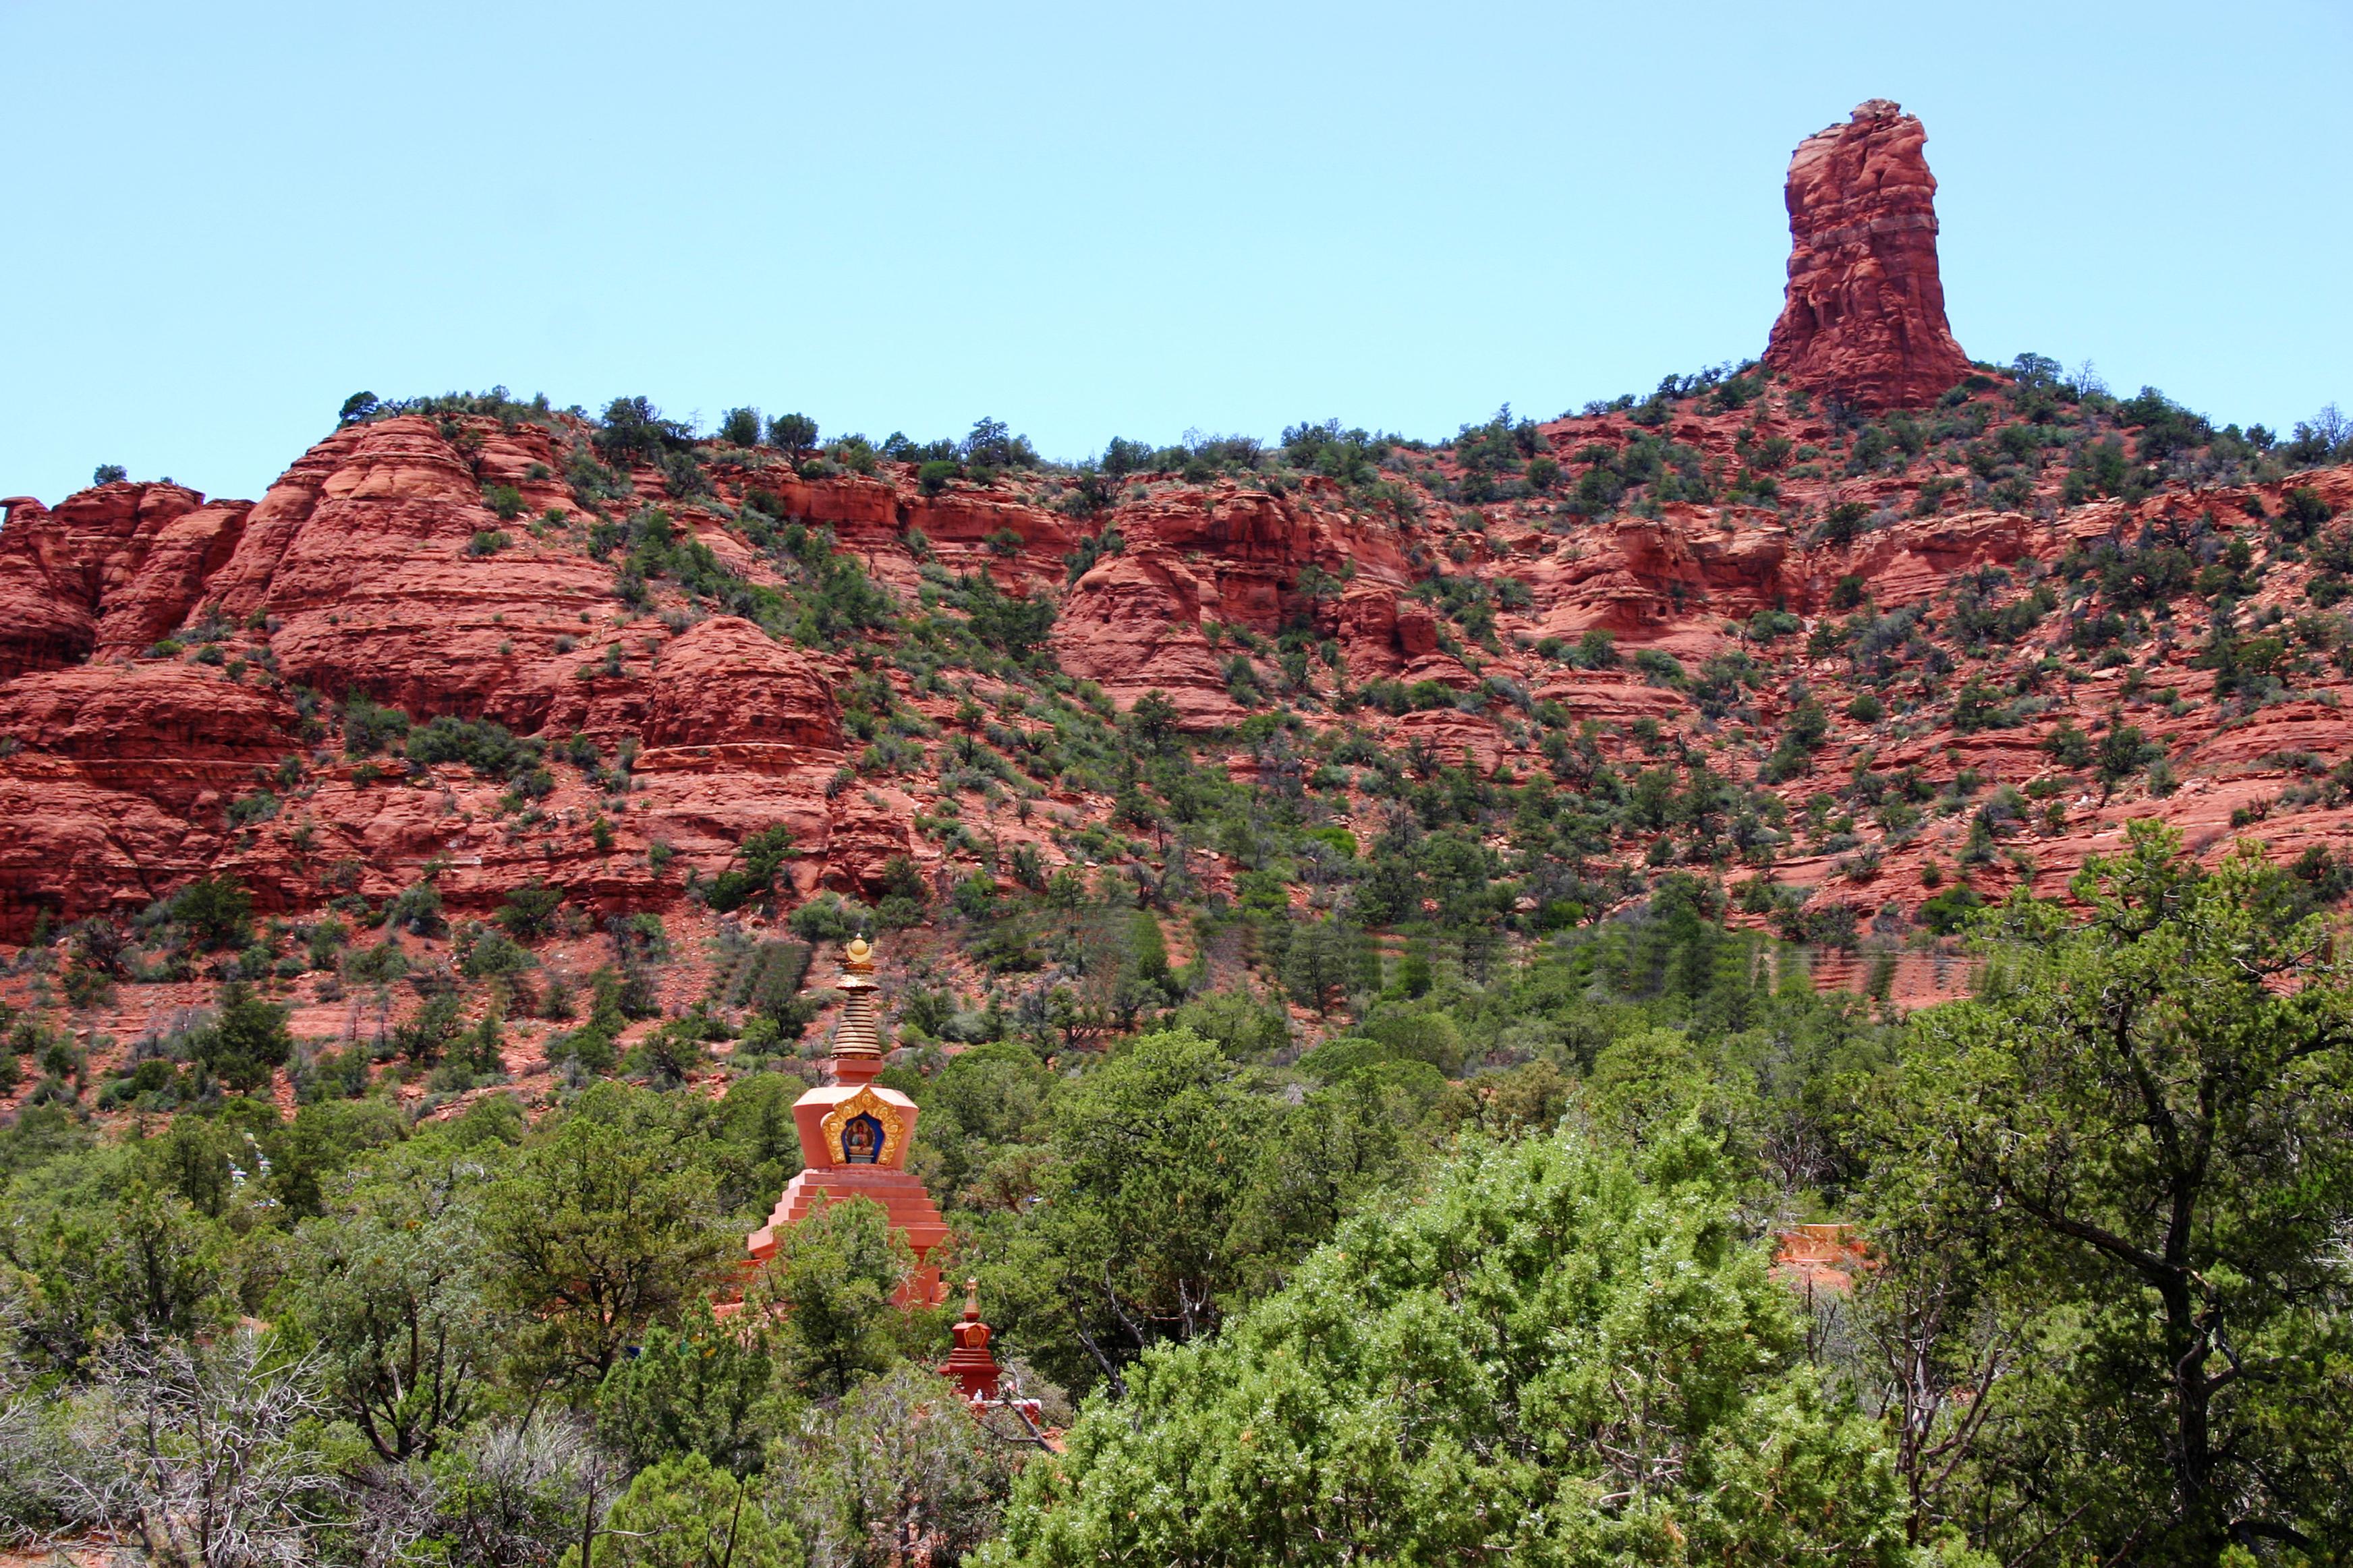 Amitabha Stupa with Red Rocks